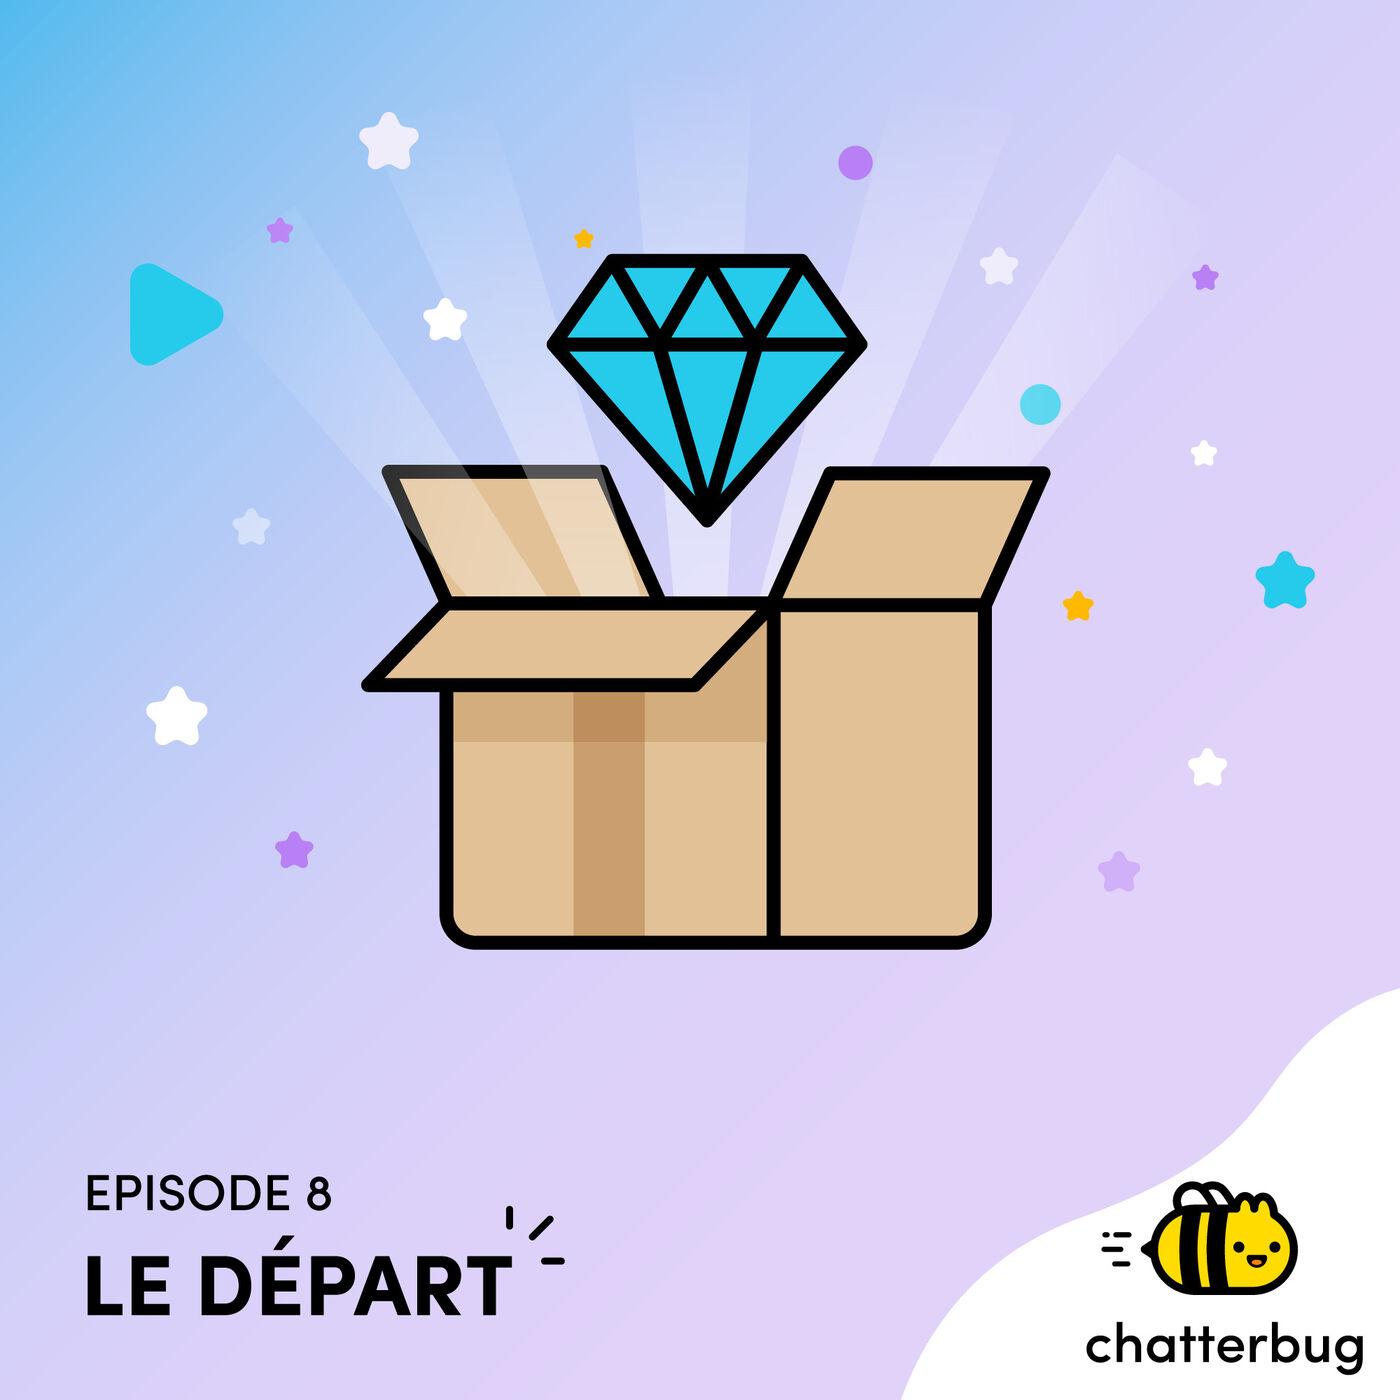 Episode 8 - Le départ